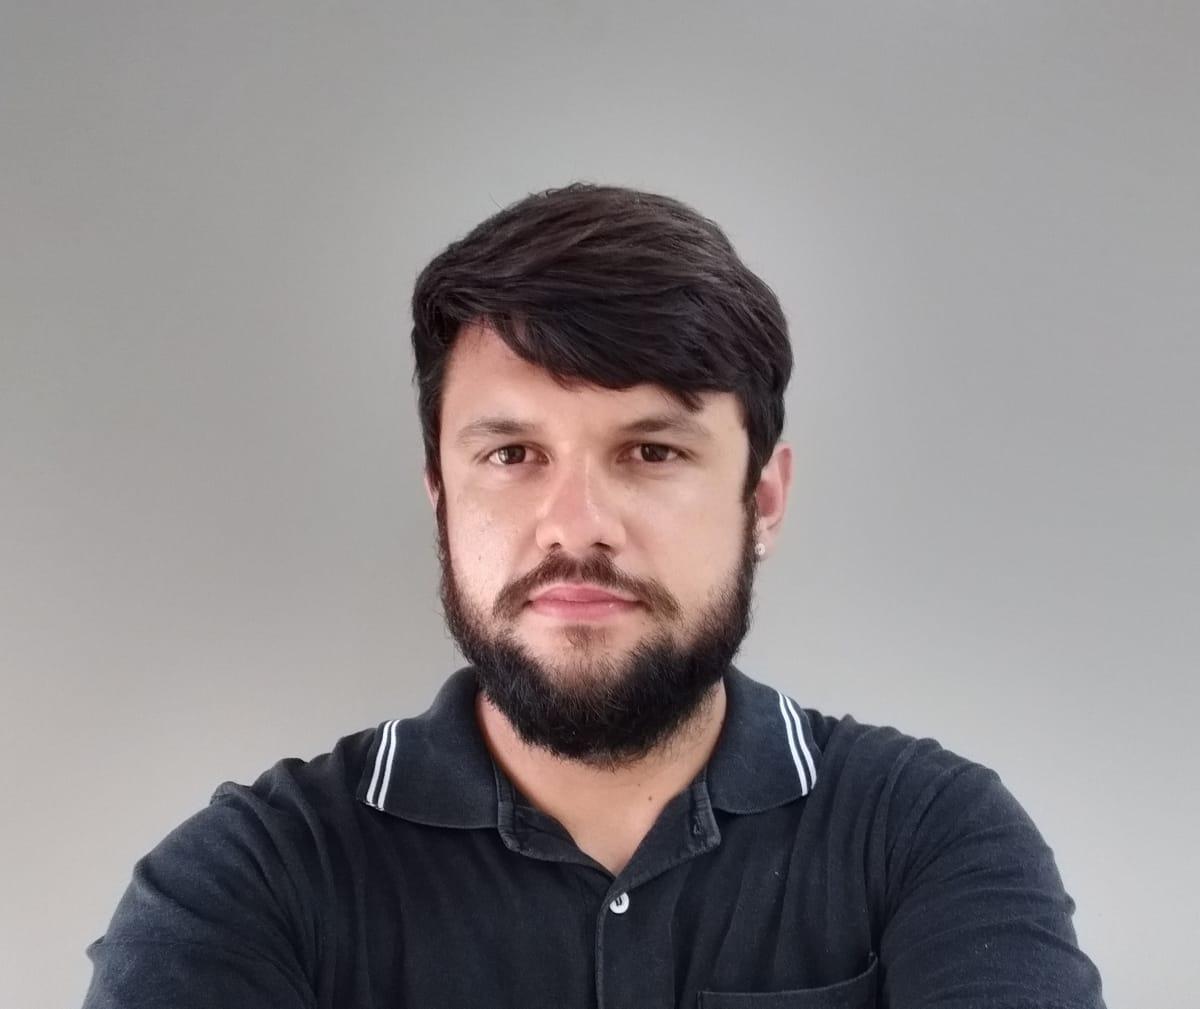 Rafael Henrique Silvestre